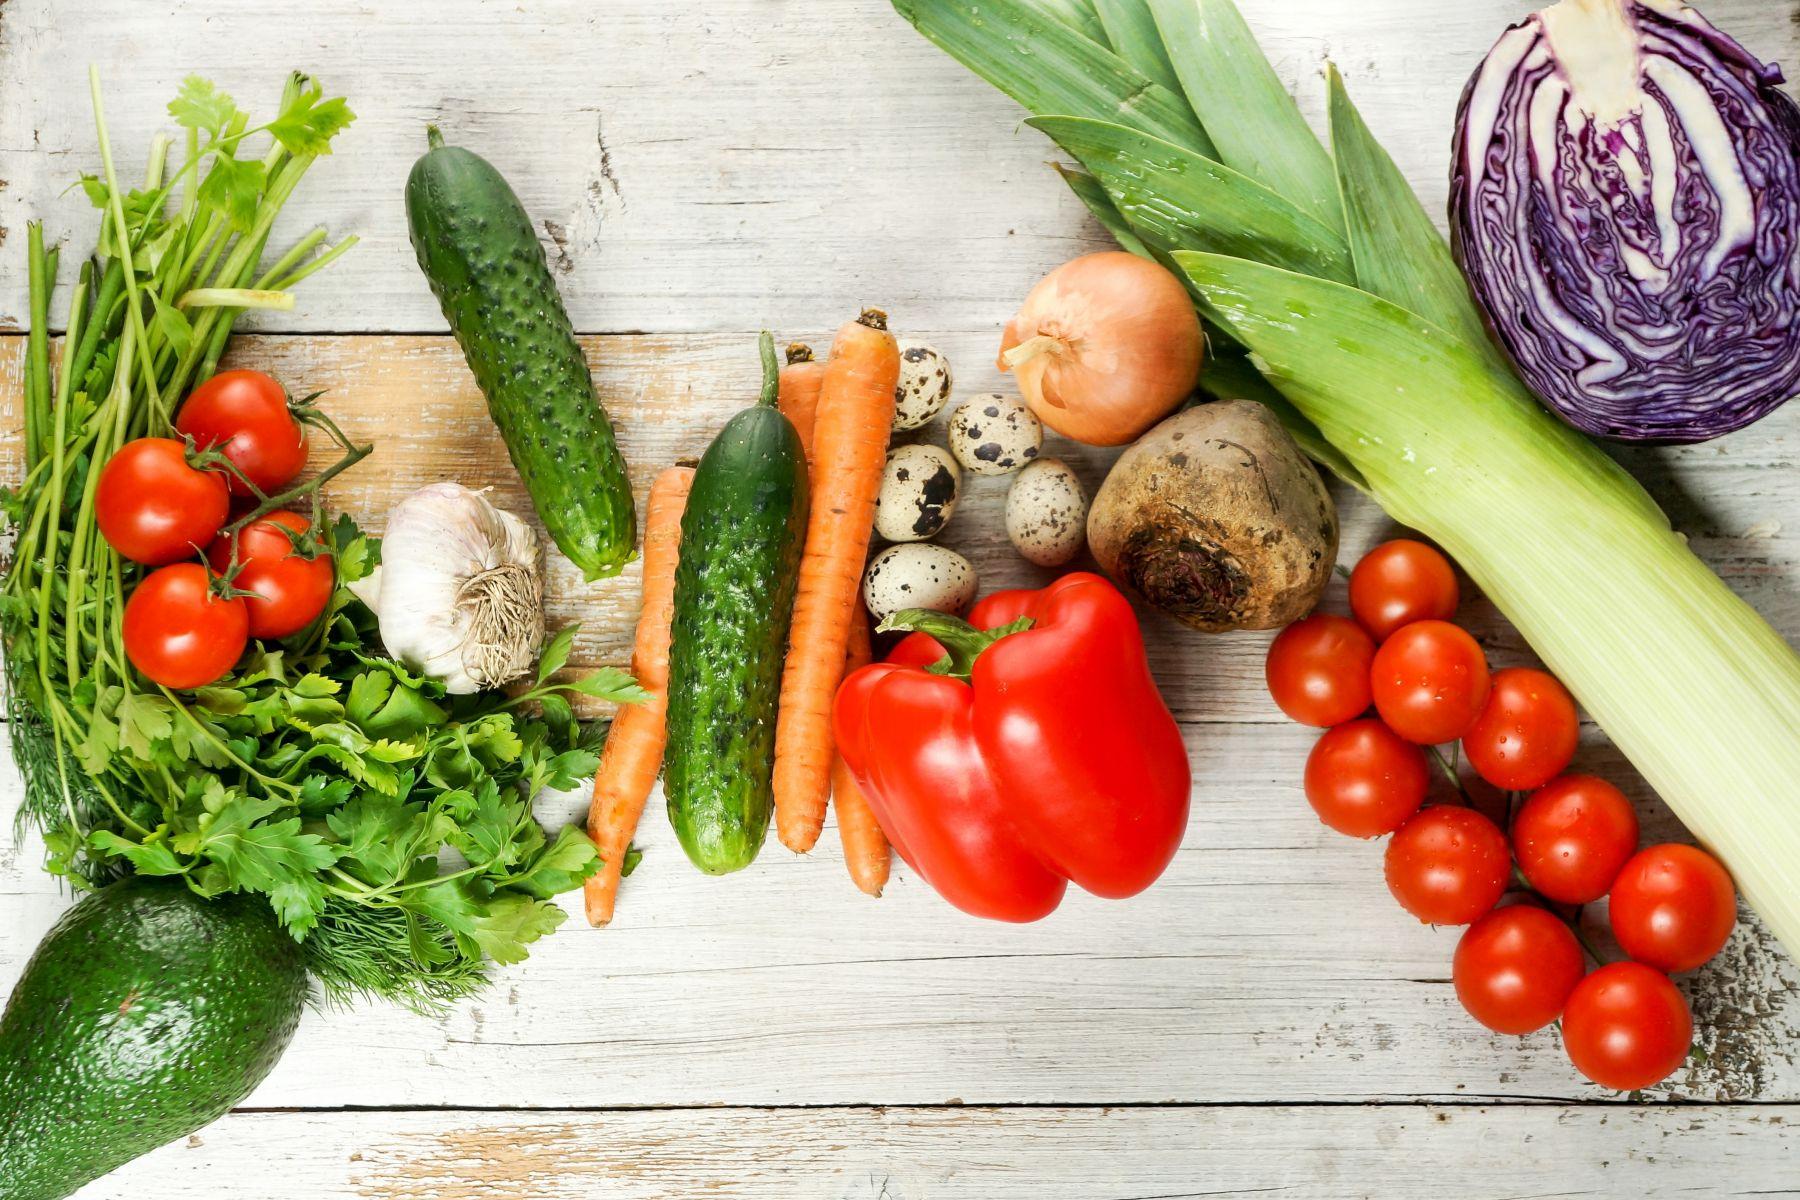 營養教育博士揭密:食物真的有「以形補形」的功效嗎?